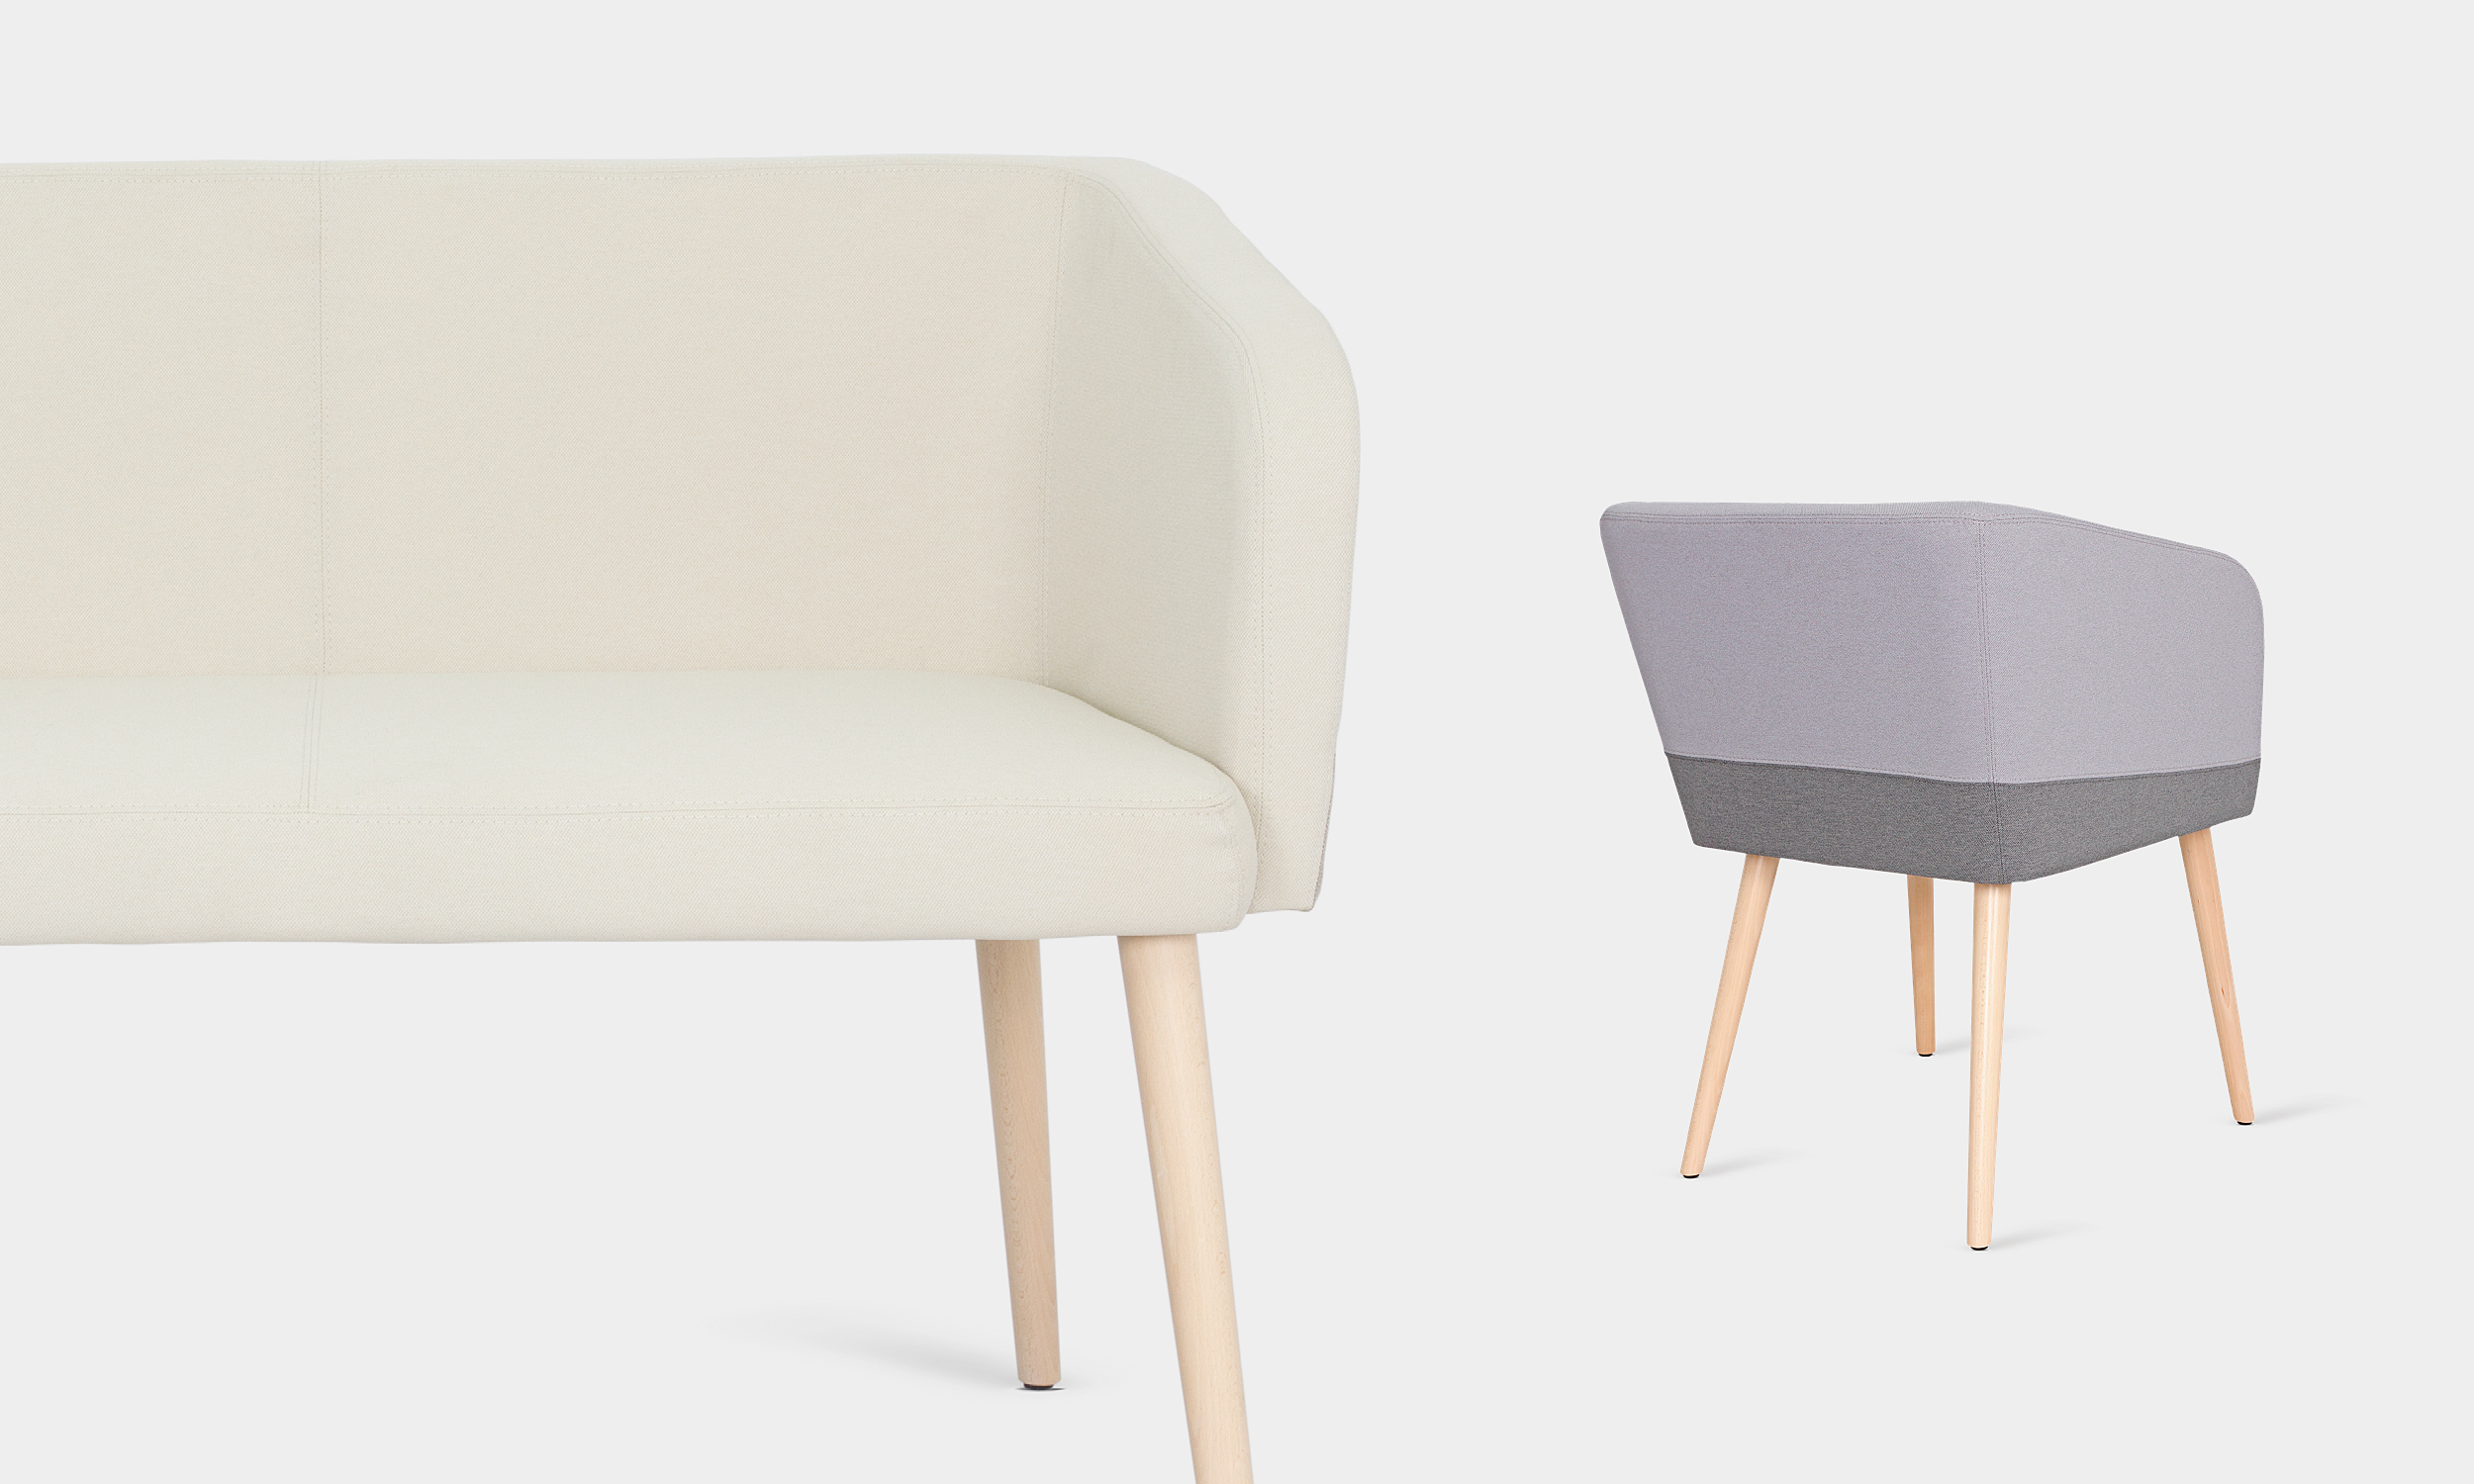 krzesło_Hello!03